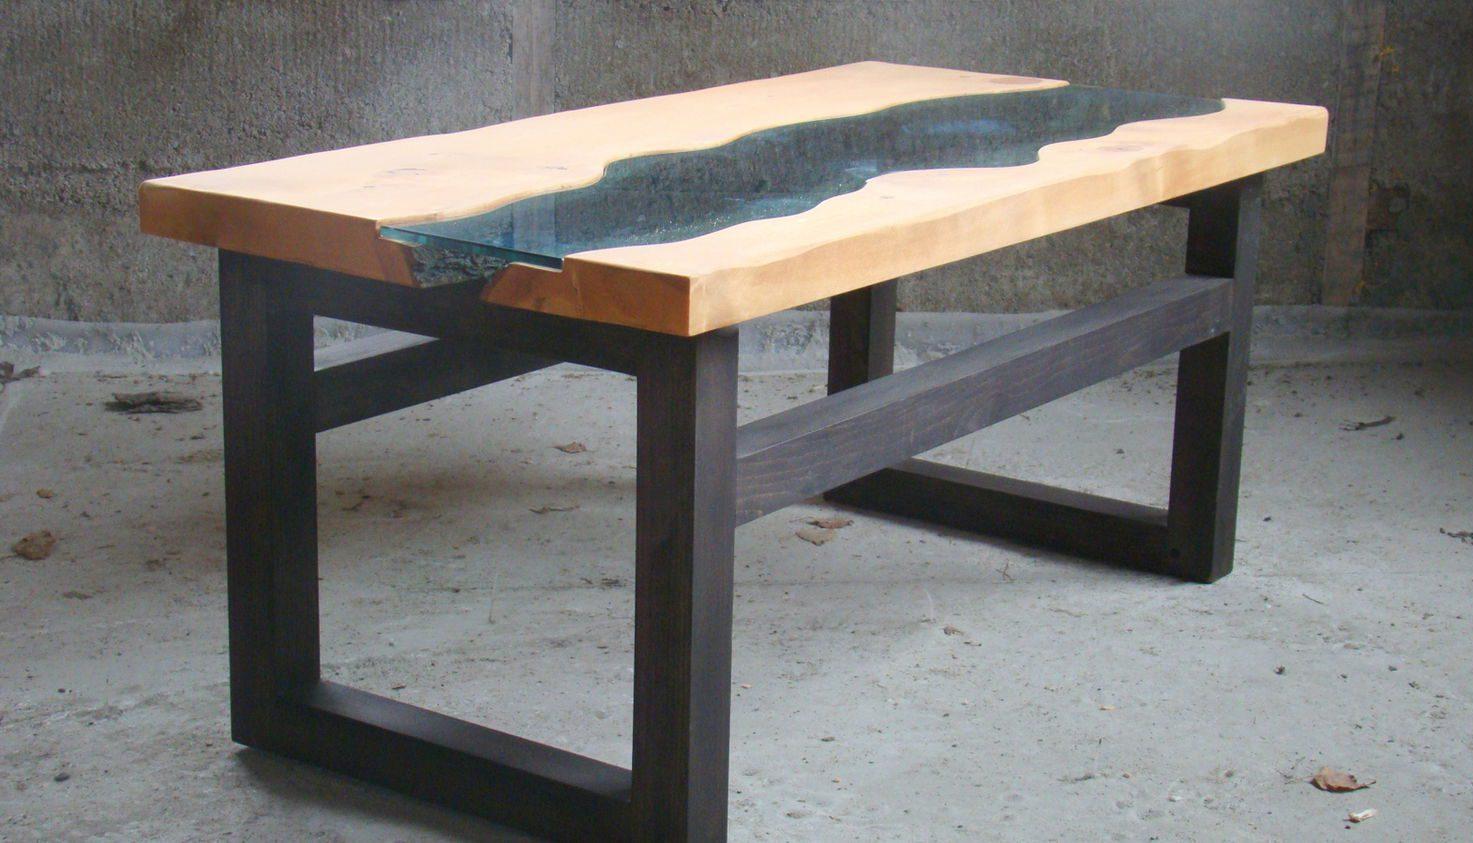 необычный стол из стекла и дерева